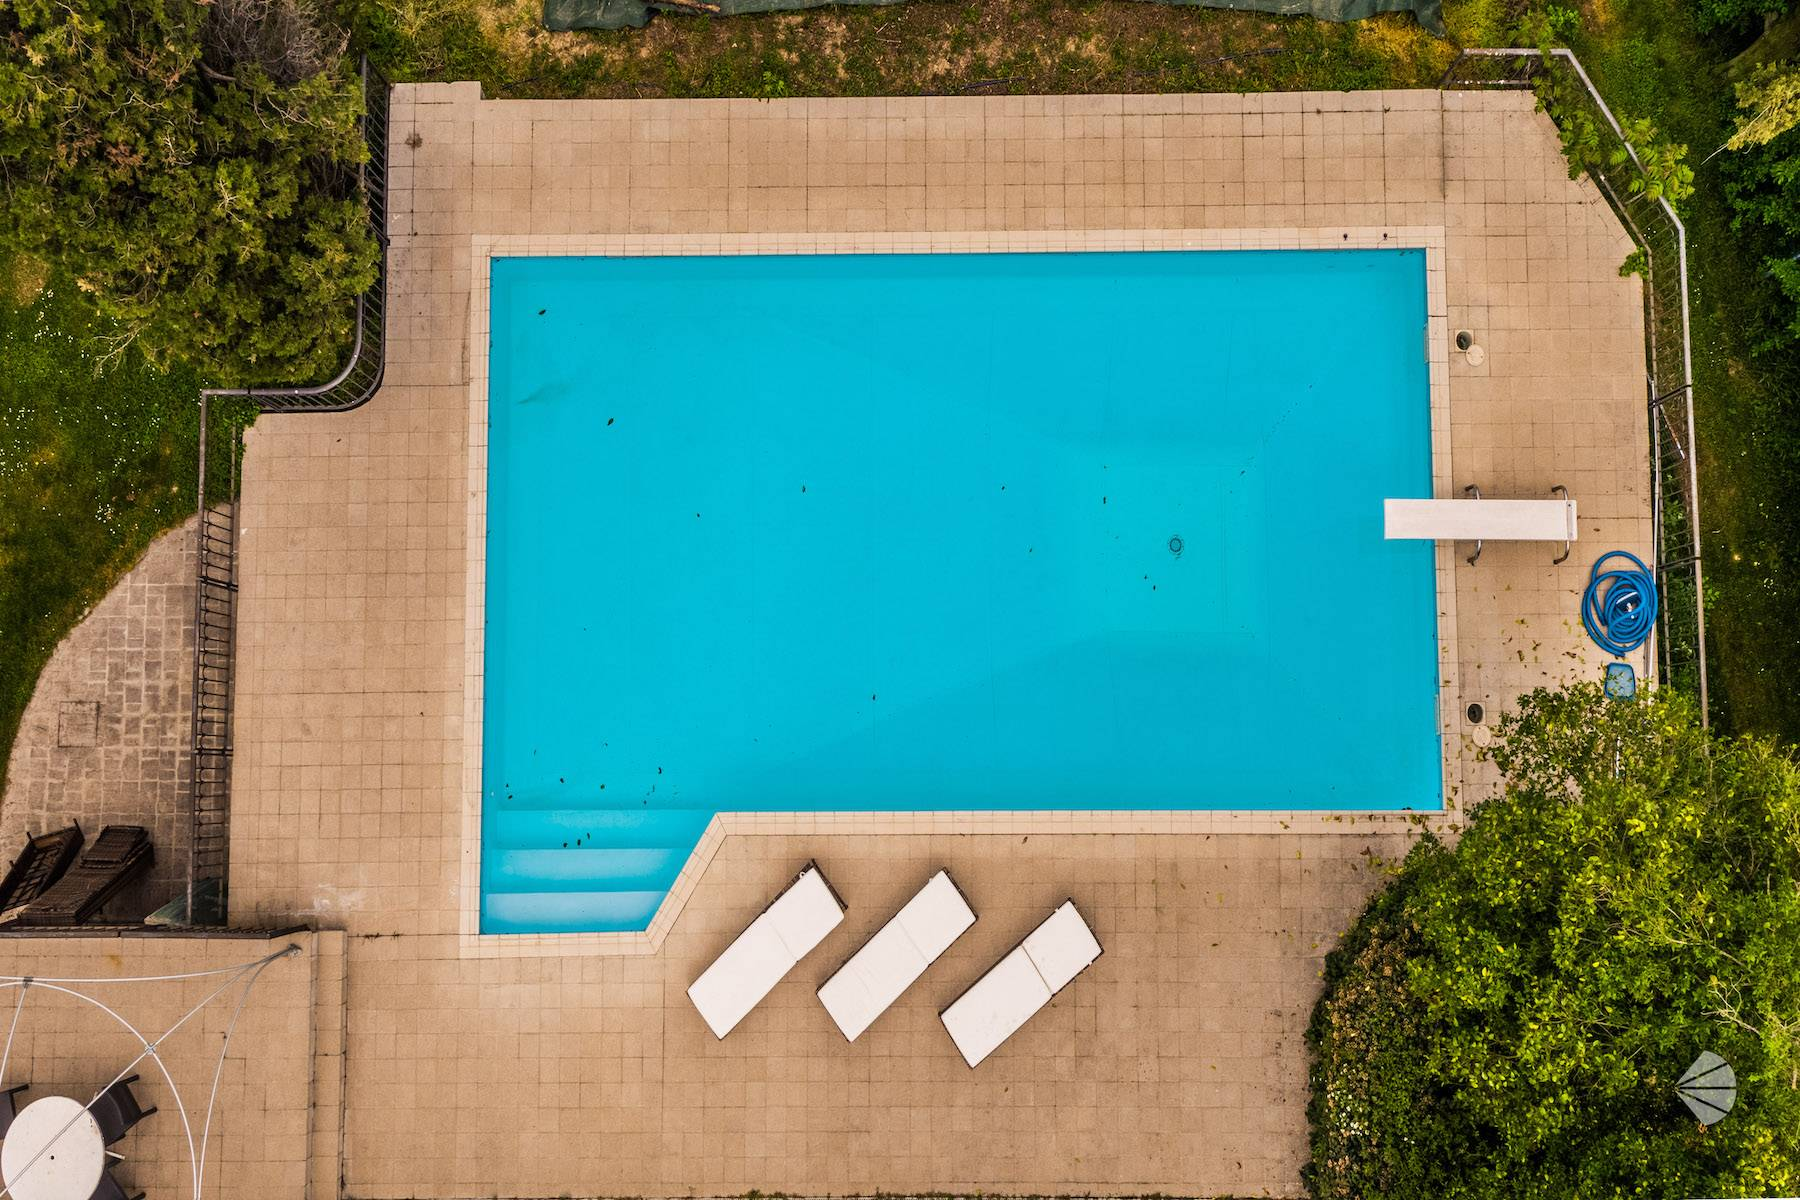 Villa in Vendita a Fiorano Modenese: 5 locali, 470 mq - Foto 5